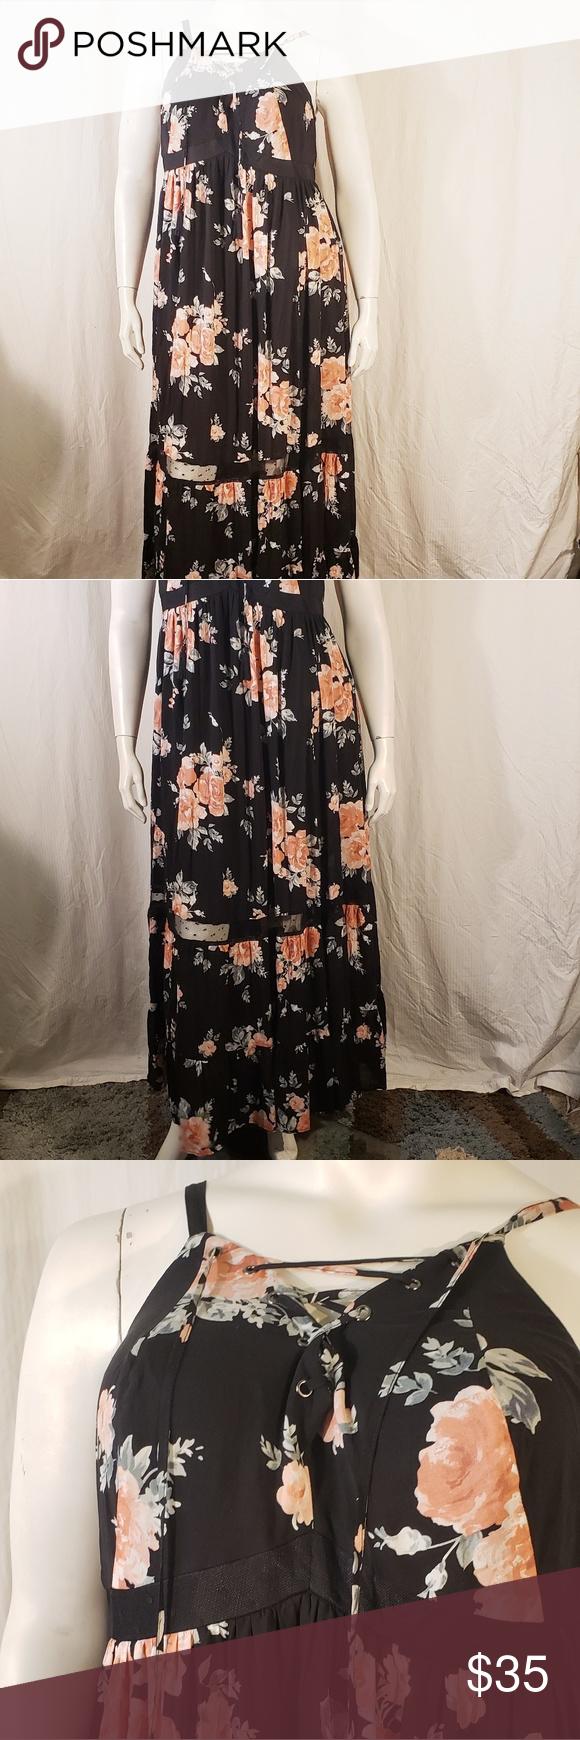 5 25 Torrid Floral Maxi Dress Size 2x Floral Maxi Dress Floral Maxi Maxi Dress [ 1740 x 580 Pixel ]